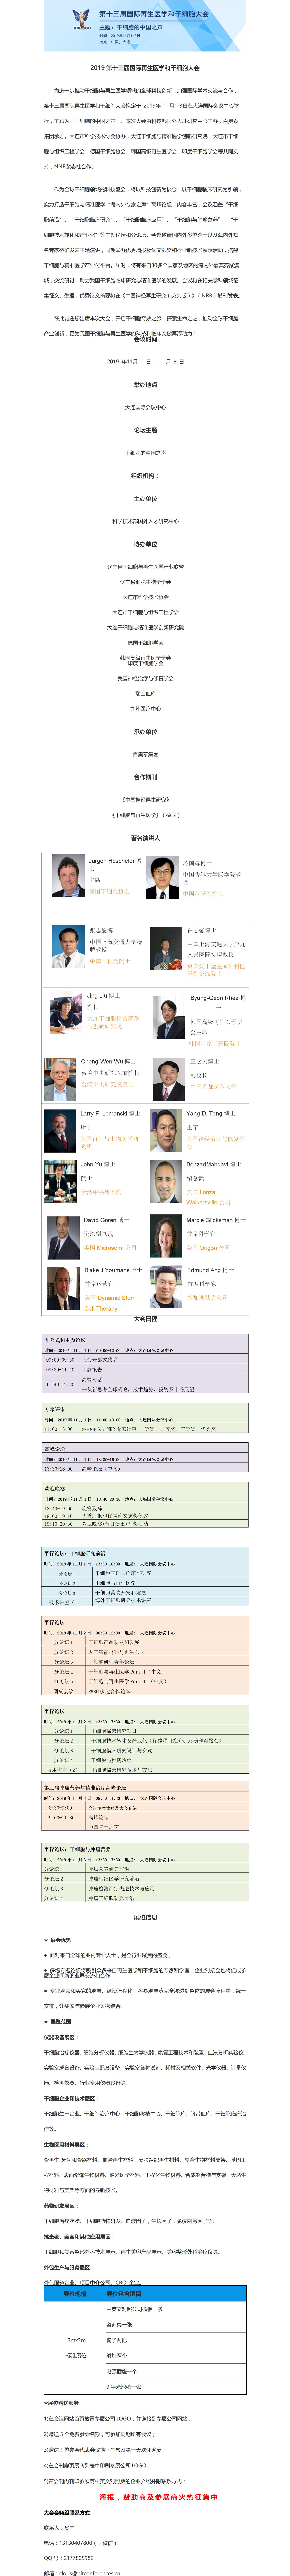 2019第十三届国际再生医学和干细胞大会